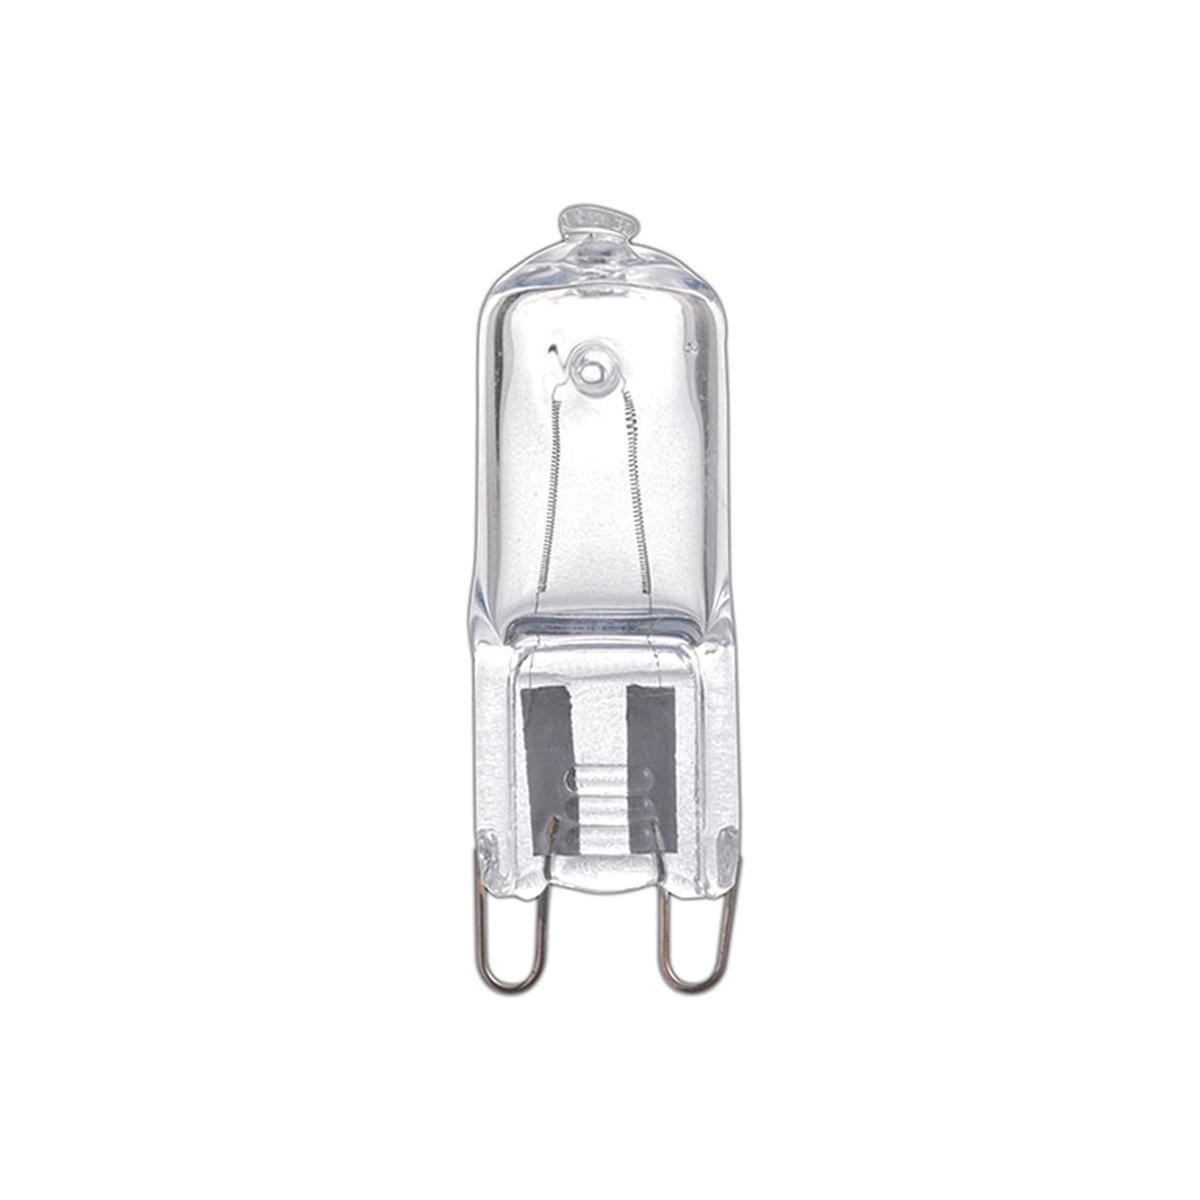 Halogenlampa 20W (25W) G9